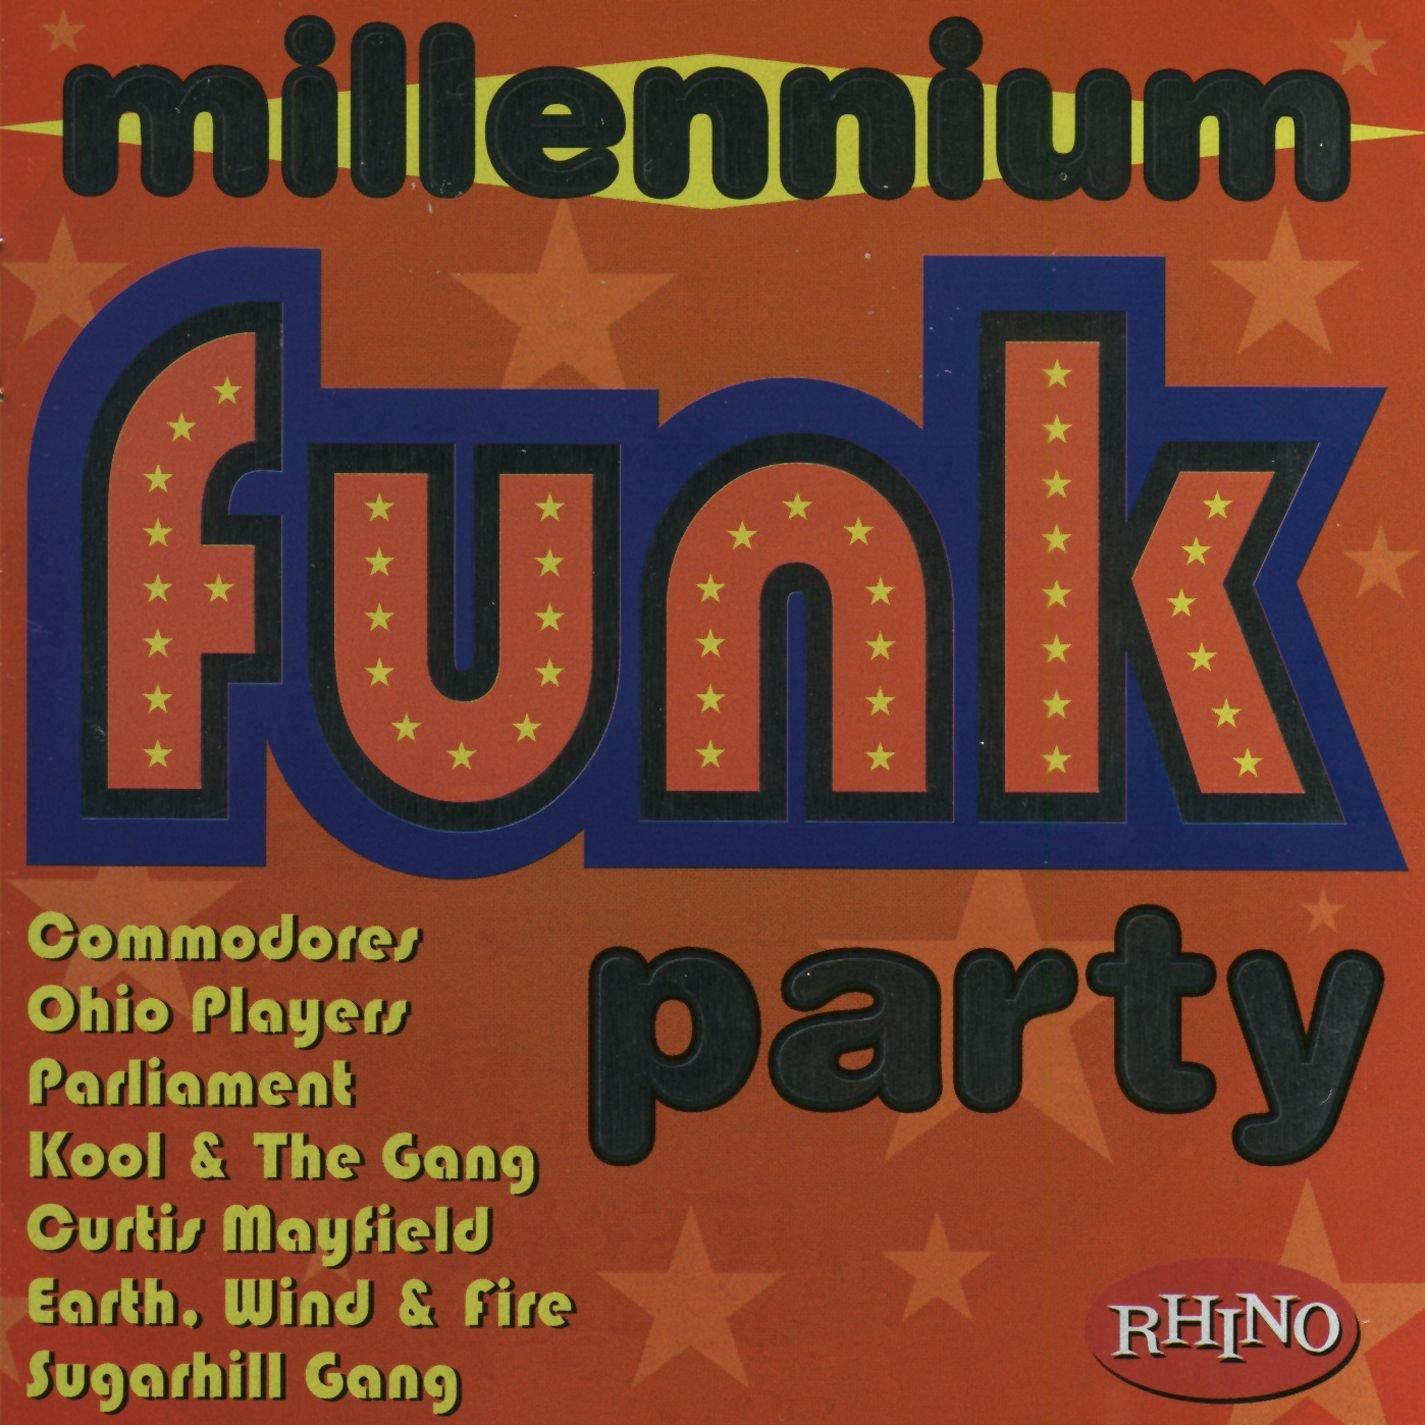 Millennium Funk Party